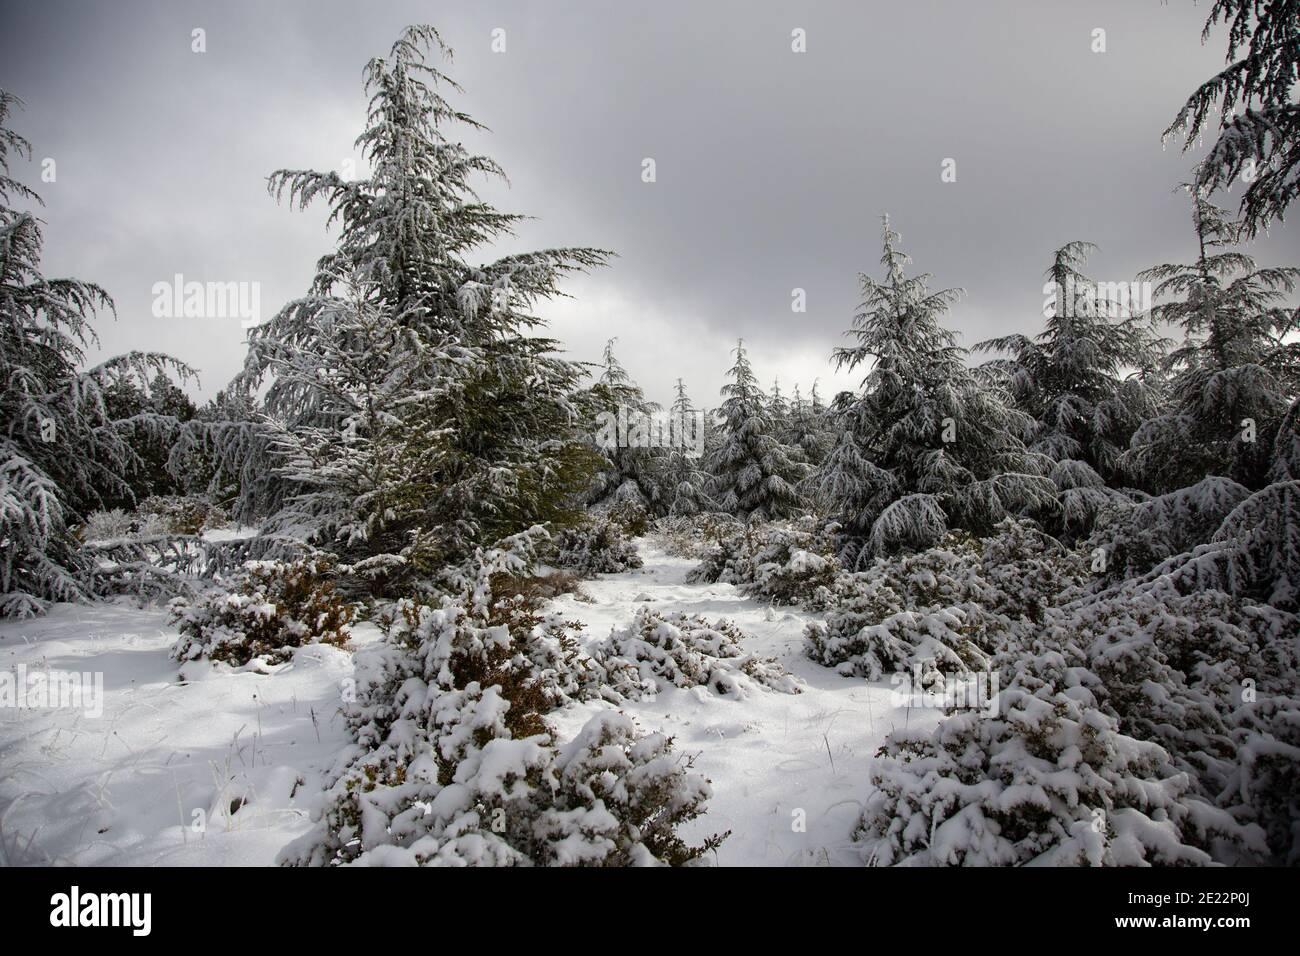 Scènes d'hiver dans les montagnes de Provence, France. Banque D'Images